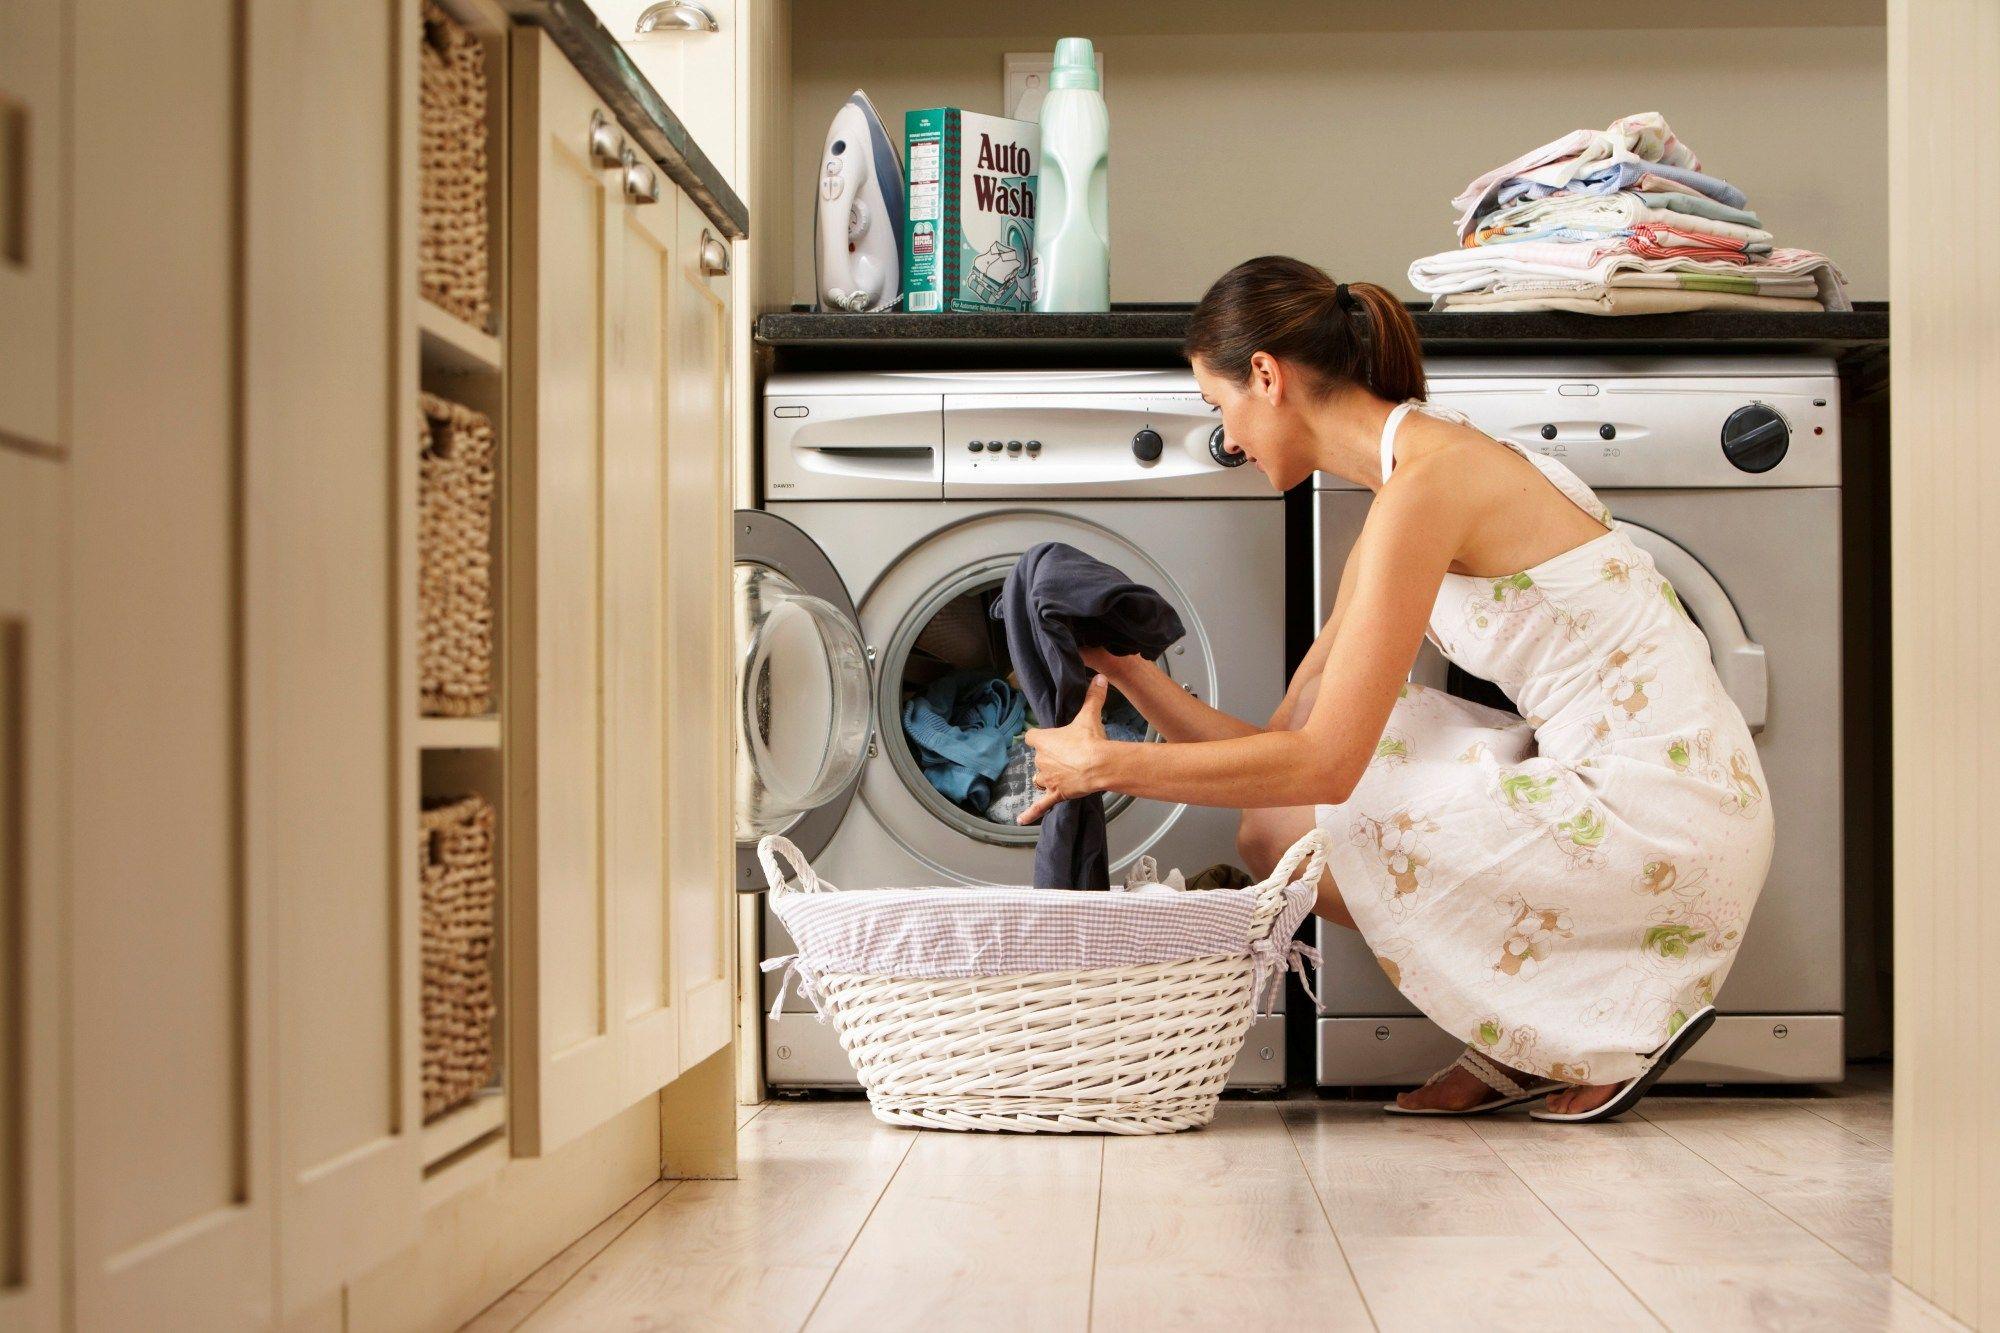 a6154b980 Aprenda a fazer a limpeza correta da máquina de lavar roupas ...